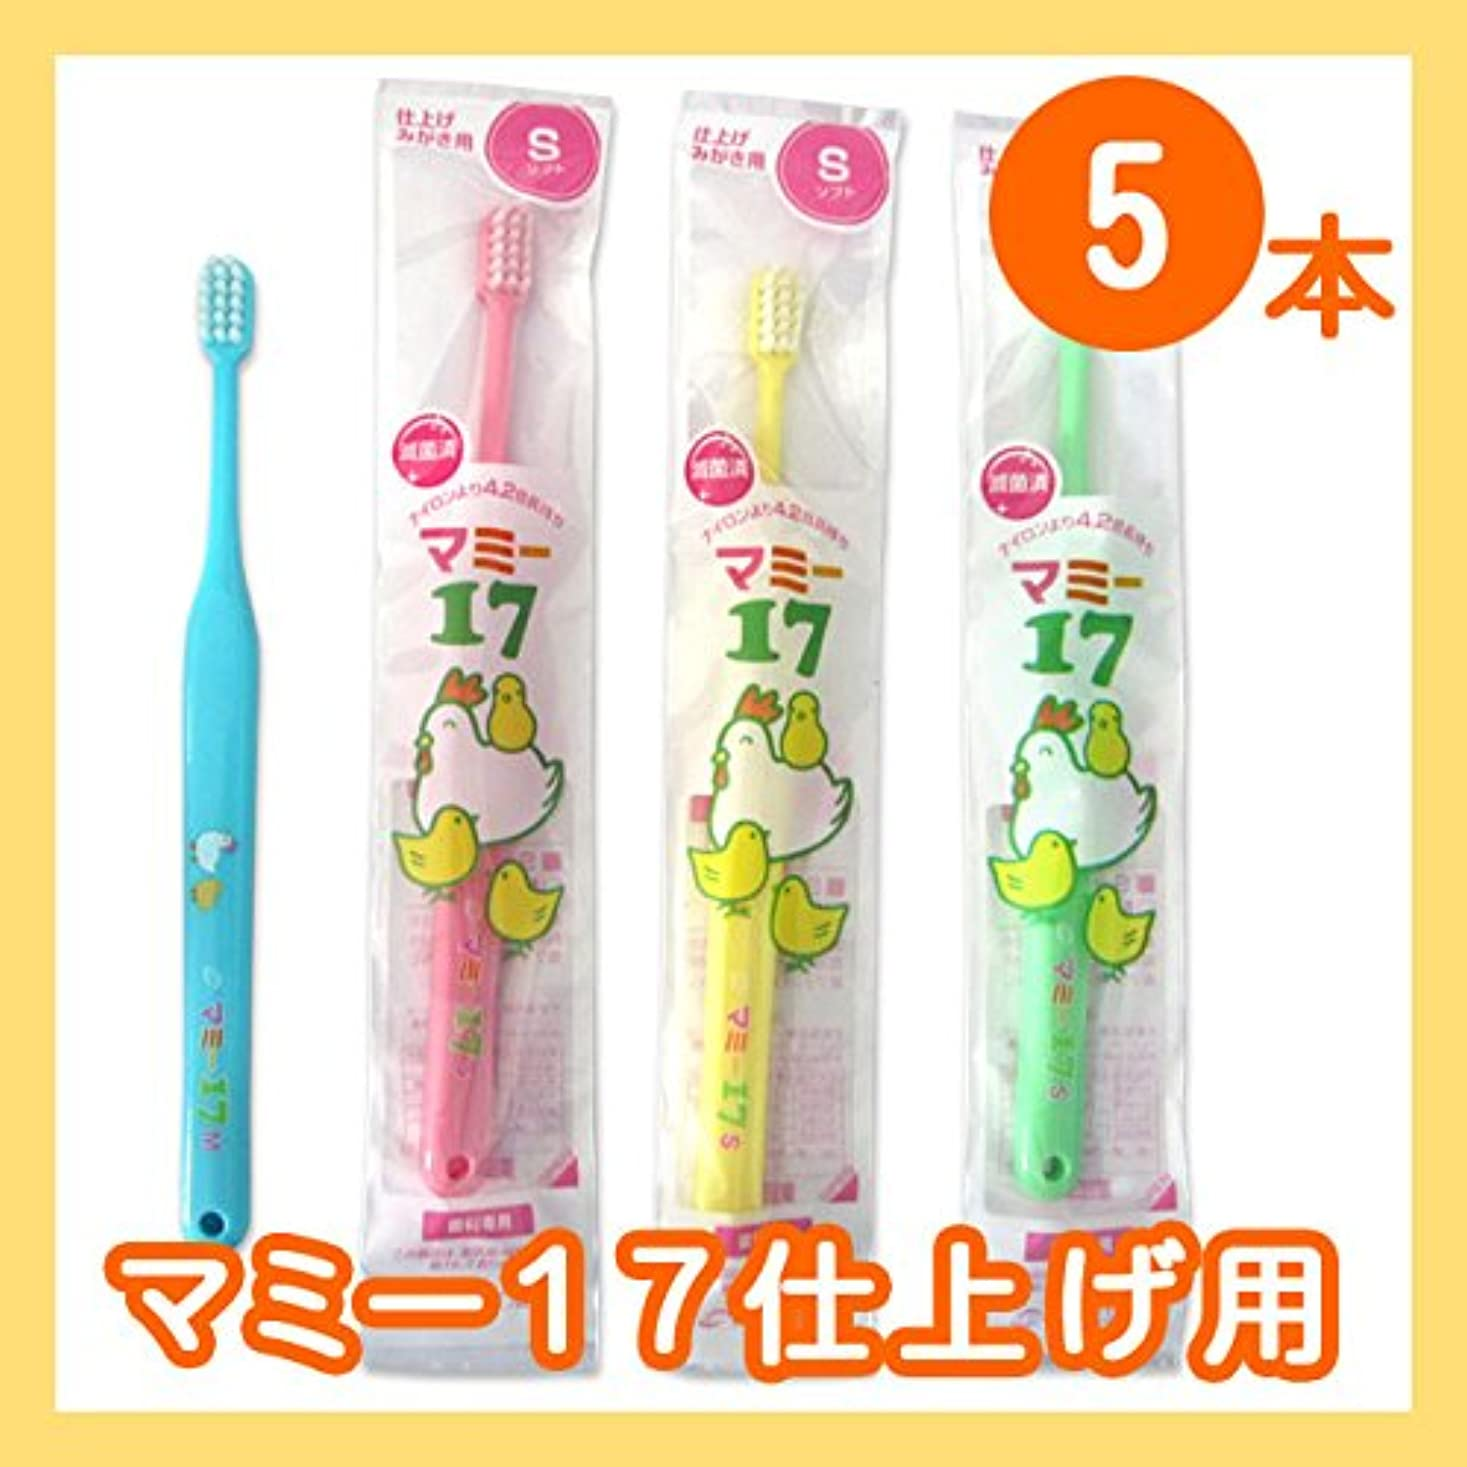 今晩ビデオビデオオーラルケア マミー17 子供 点検?仕上げ磨き用 歯ブラシ 5本セットソフト イエロー